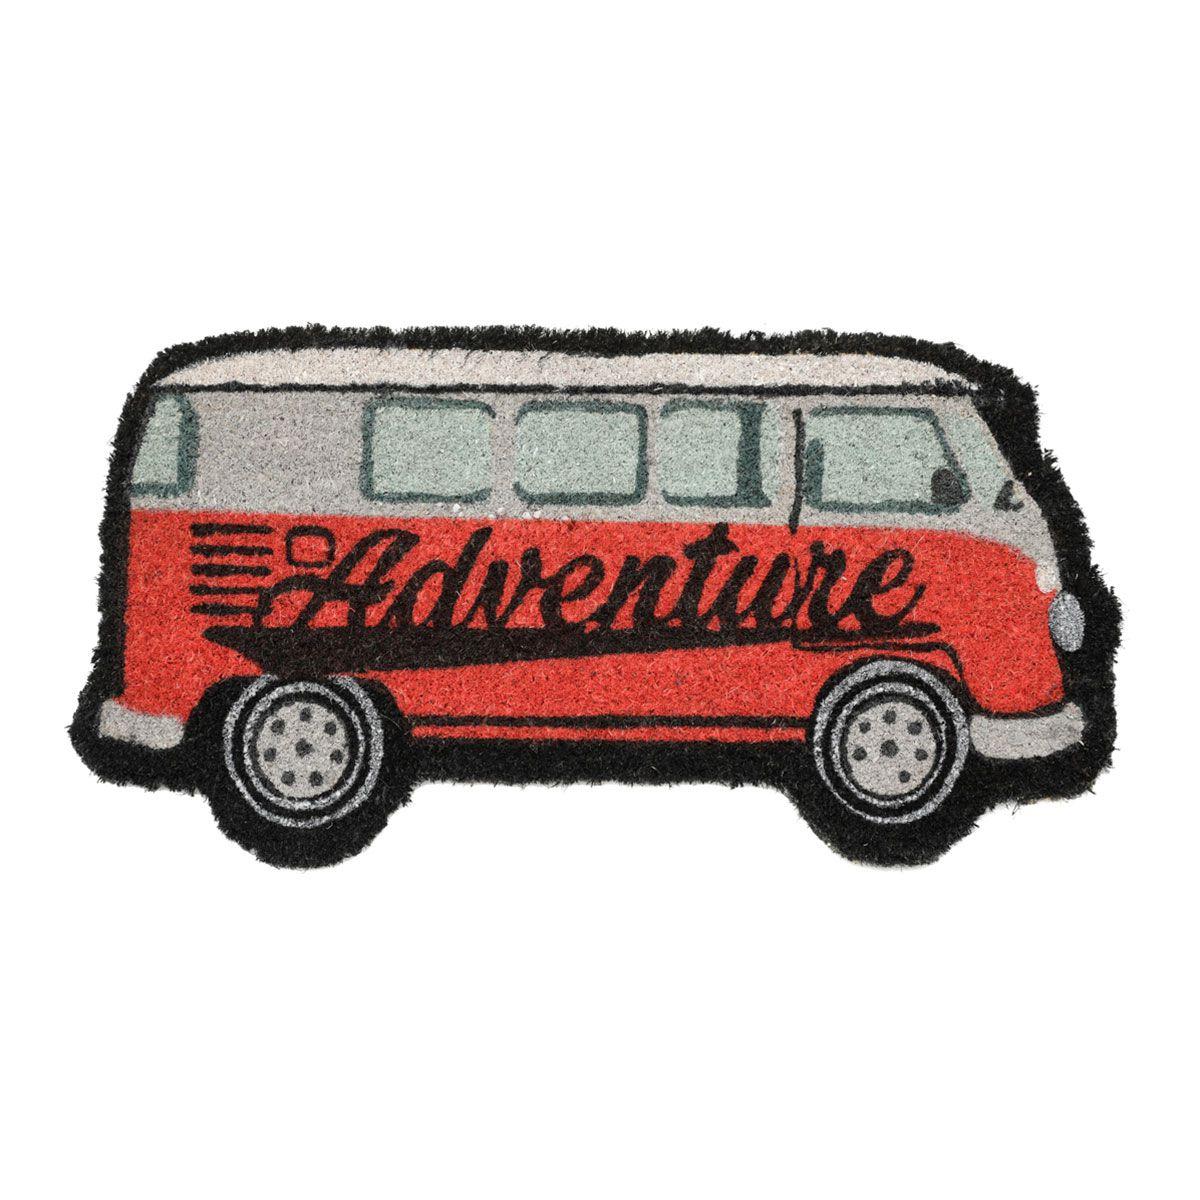 Capacho Fibra de Coco Kombi Adventure Vermelha 60x31cm